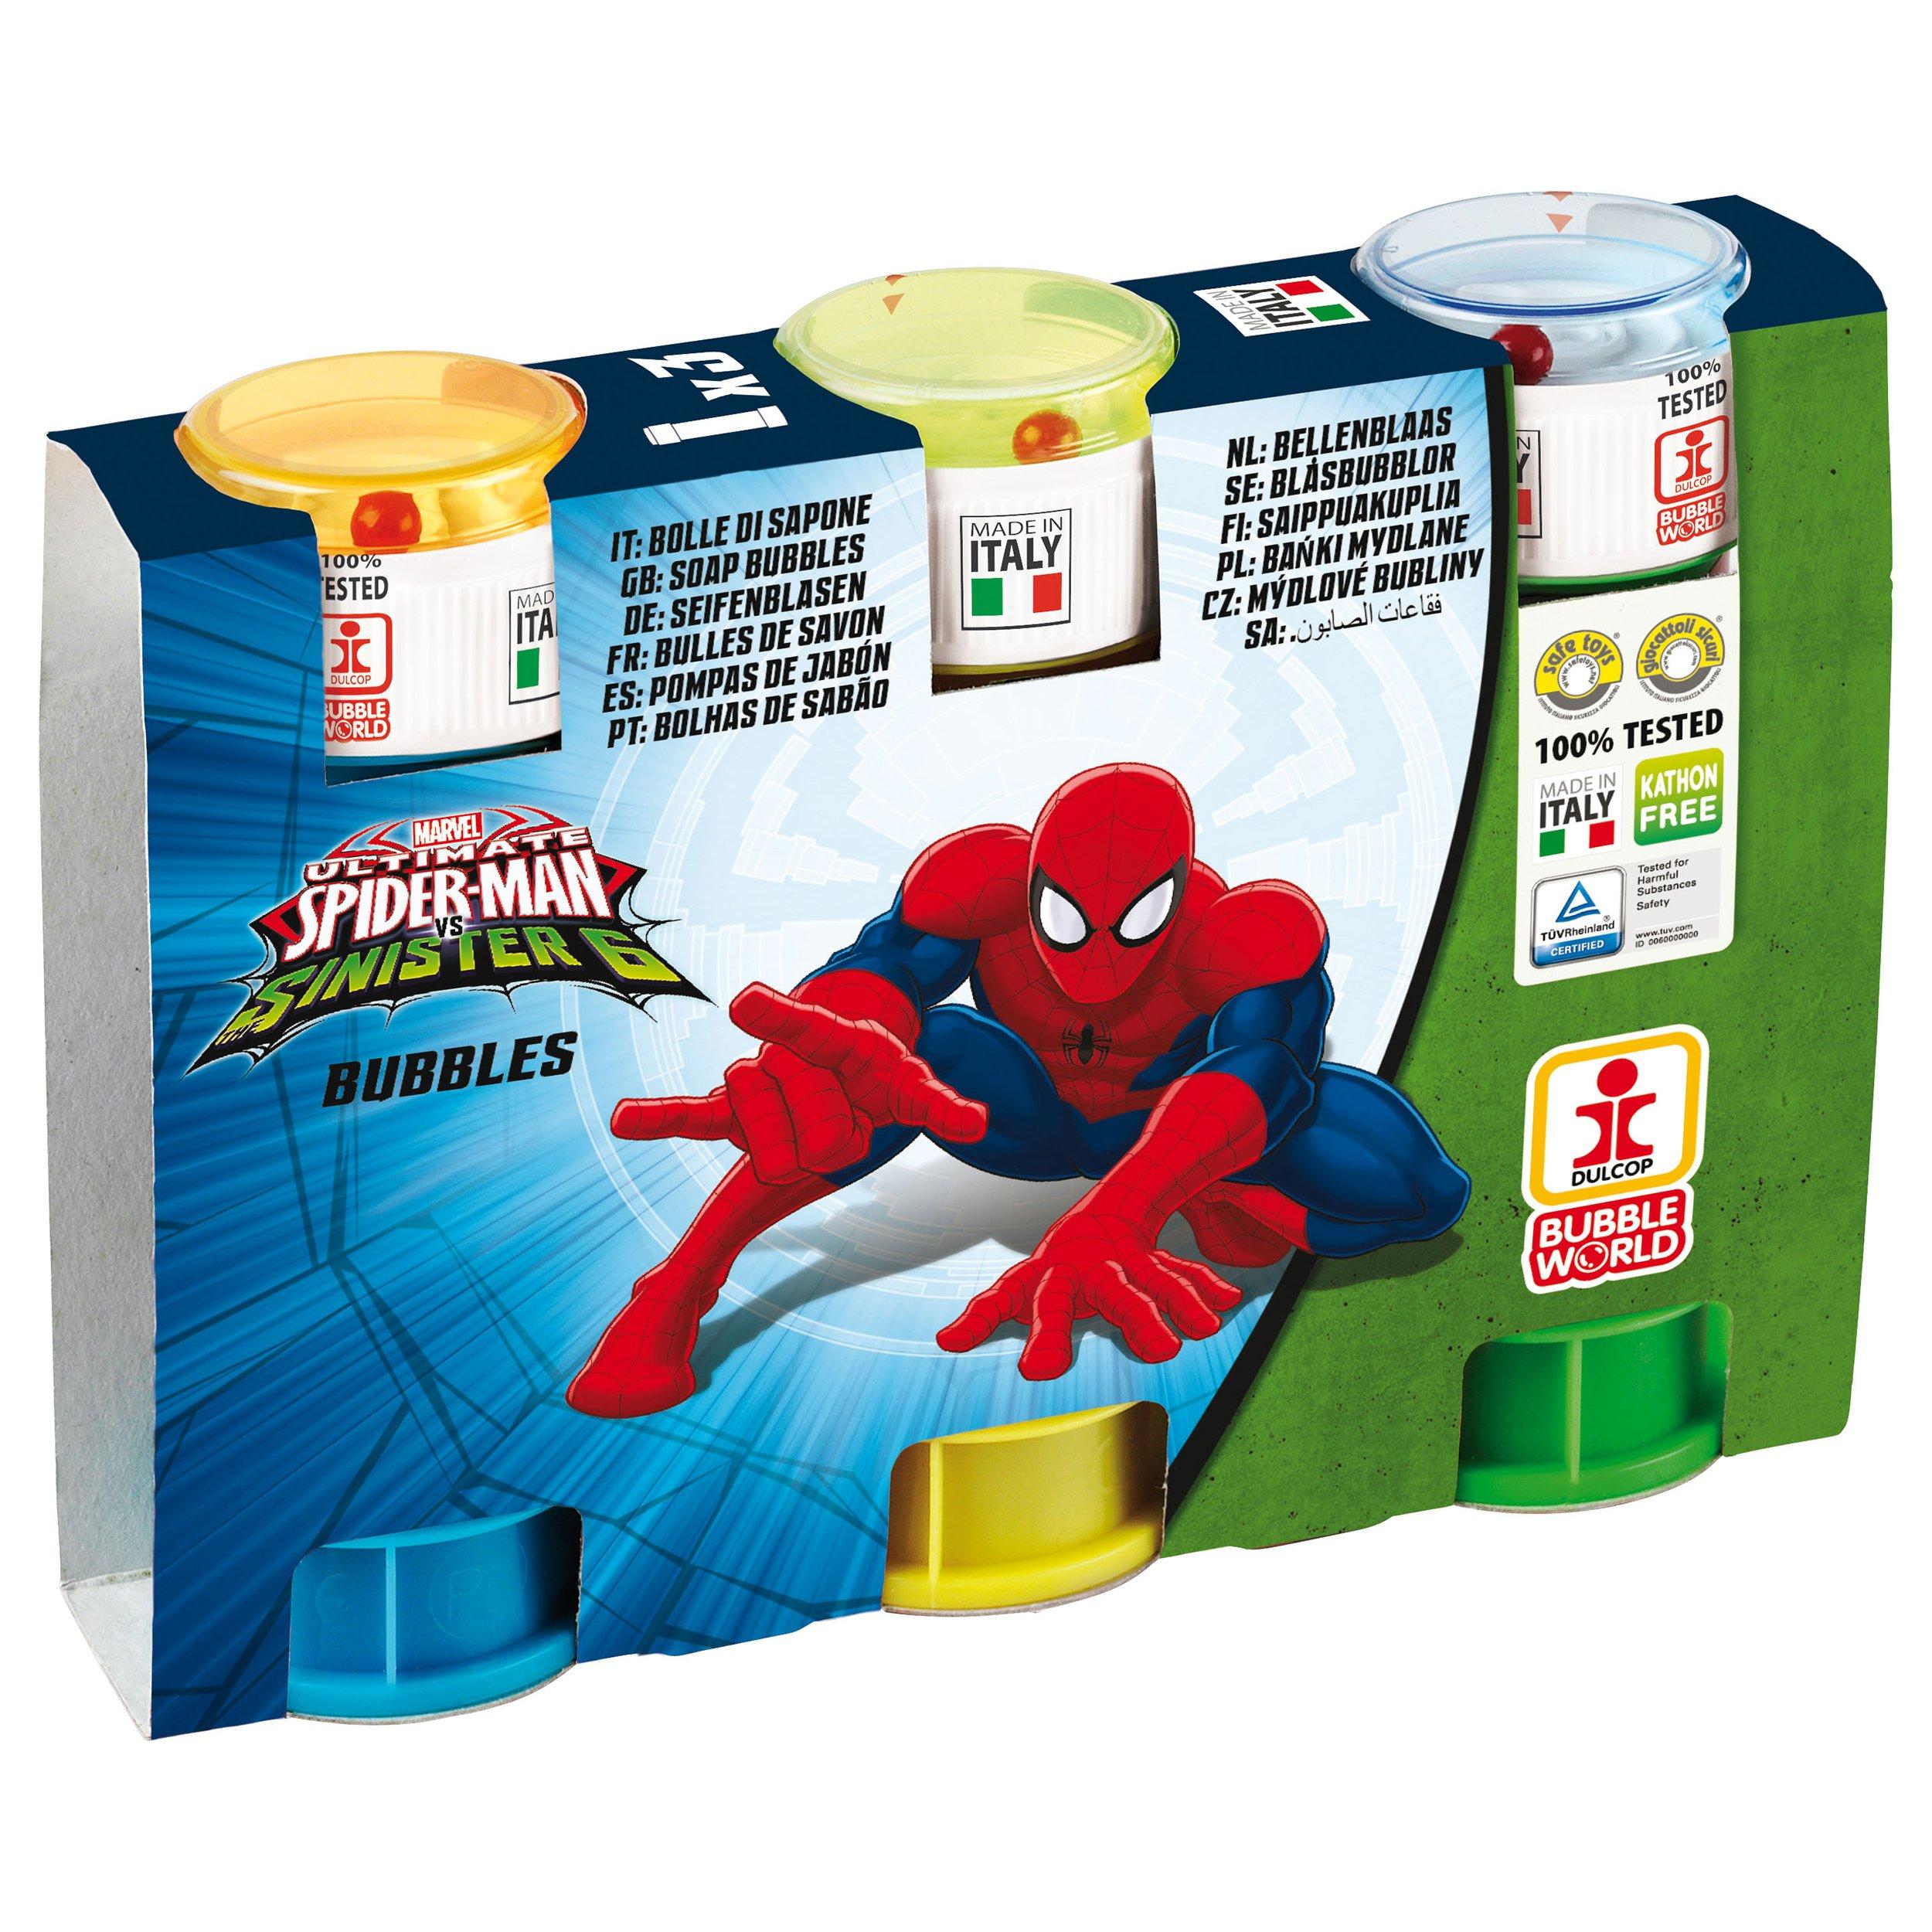 Spiderman - Set 3 tuburi baloane de sapun imagine